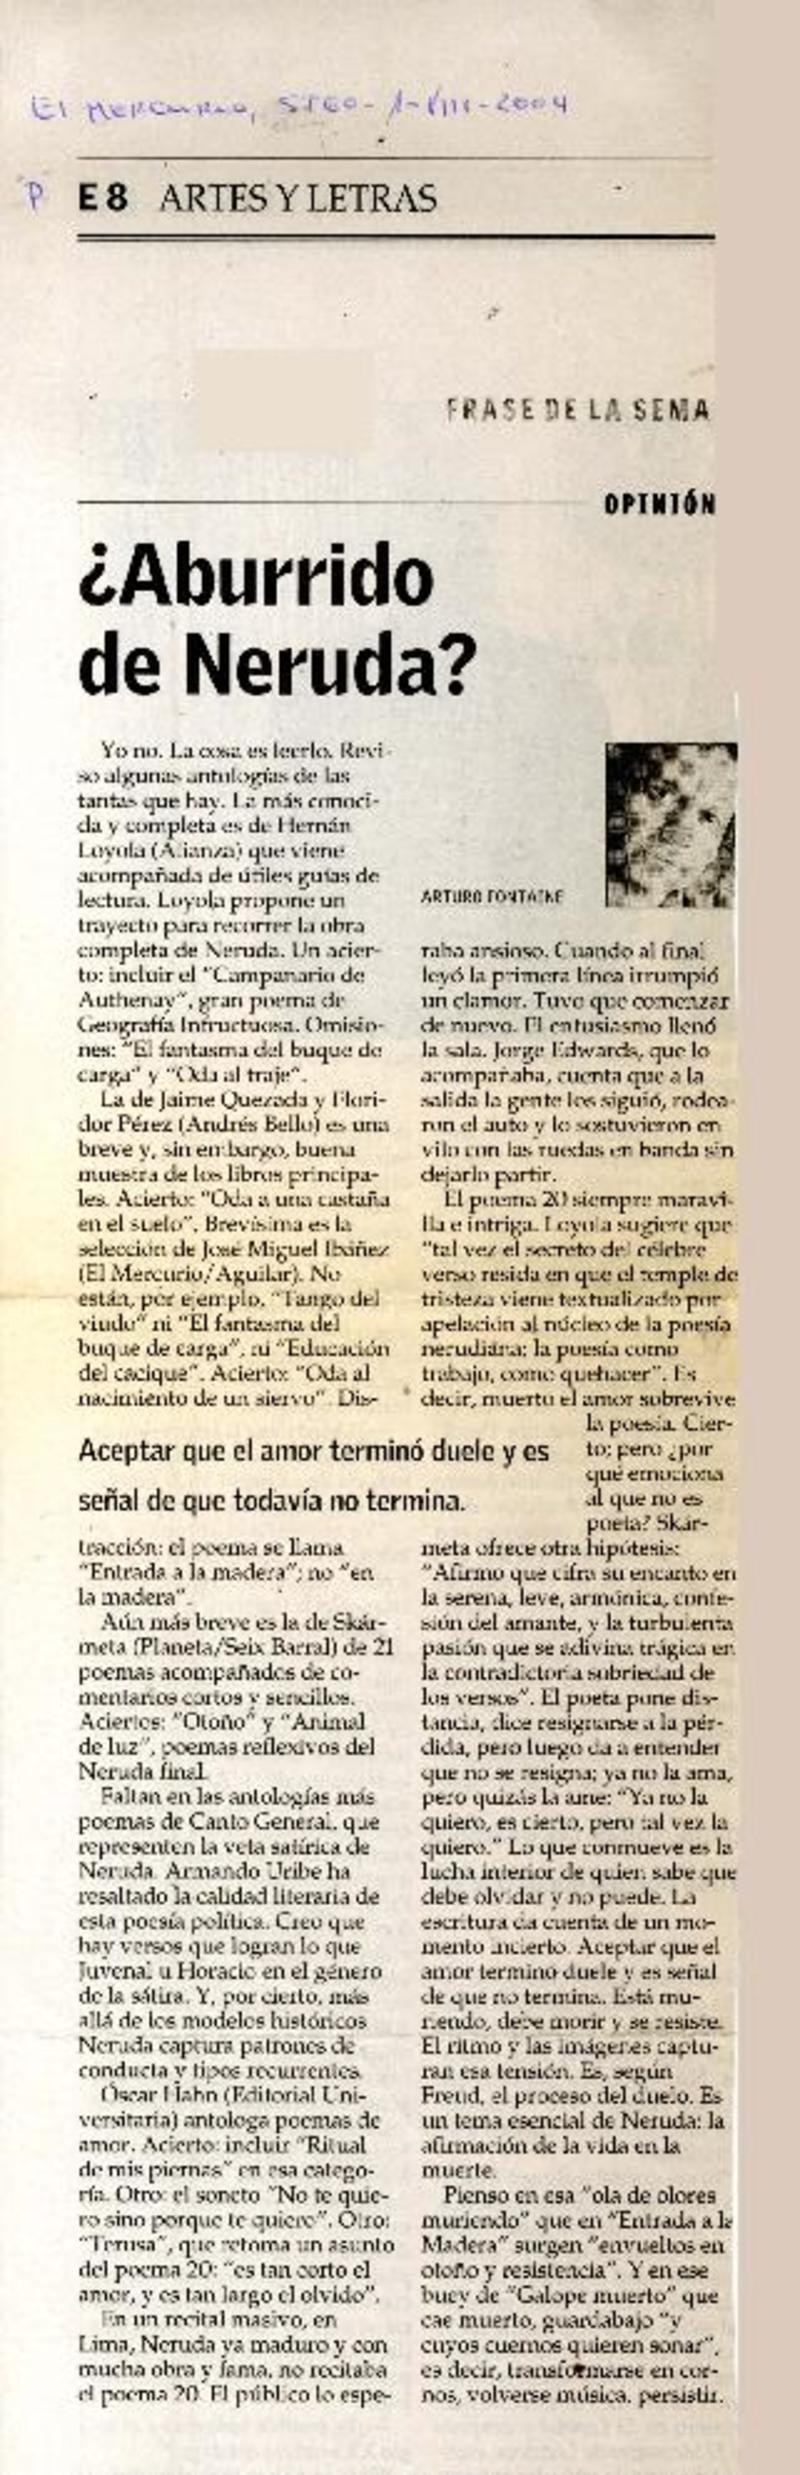 El Mercurio (Santiago, Chile) - Biblioteca Nacional Digital de Chile